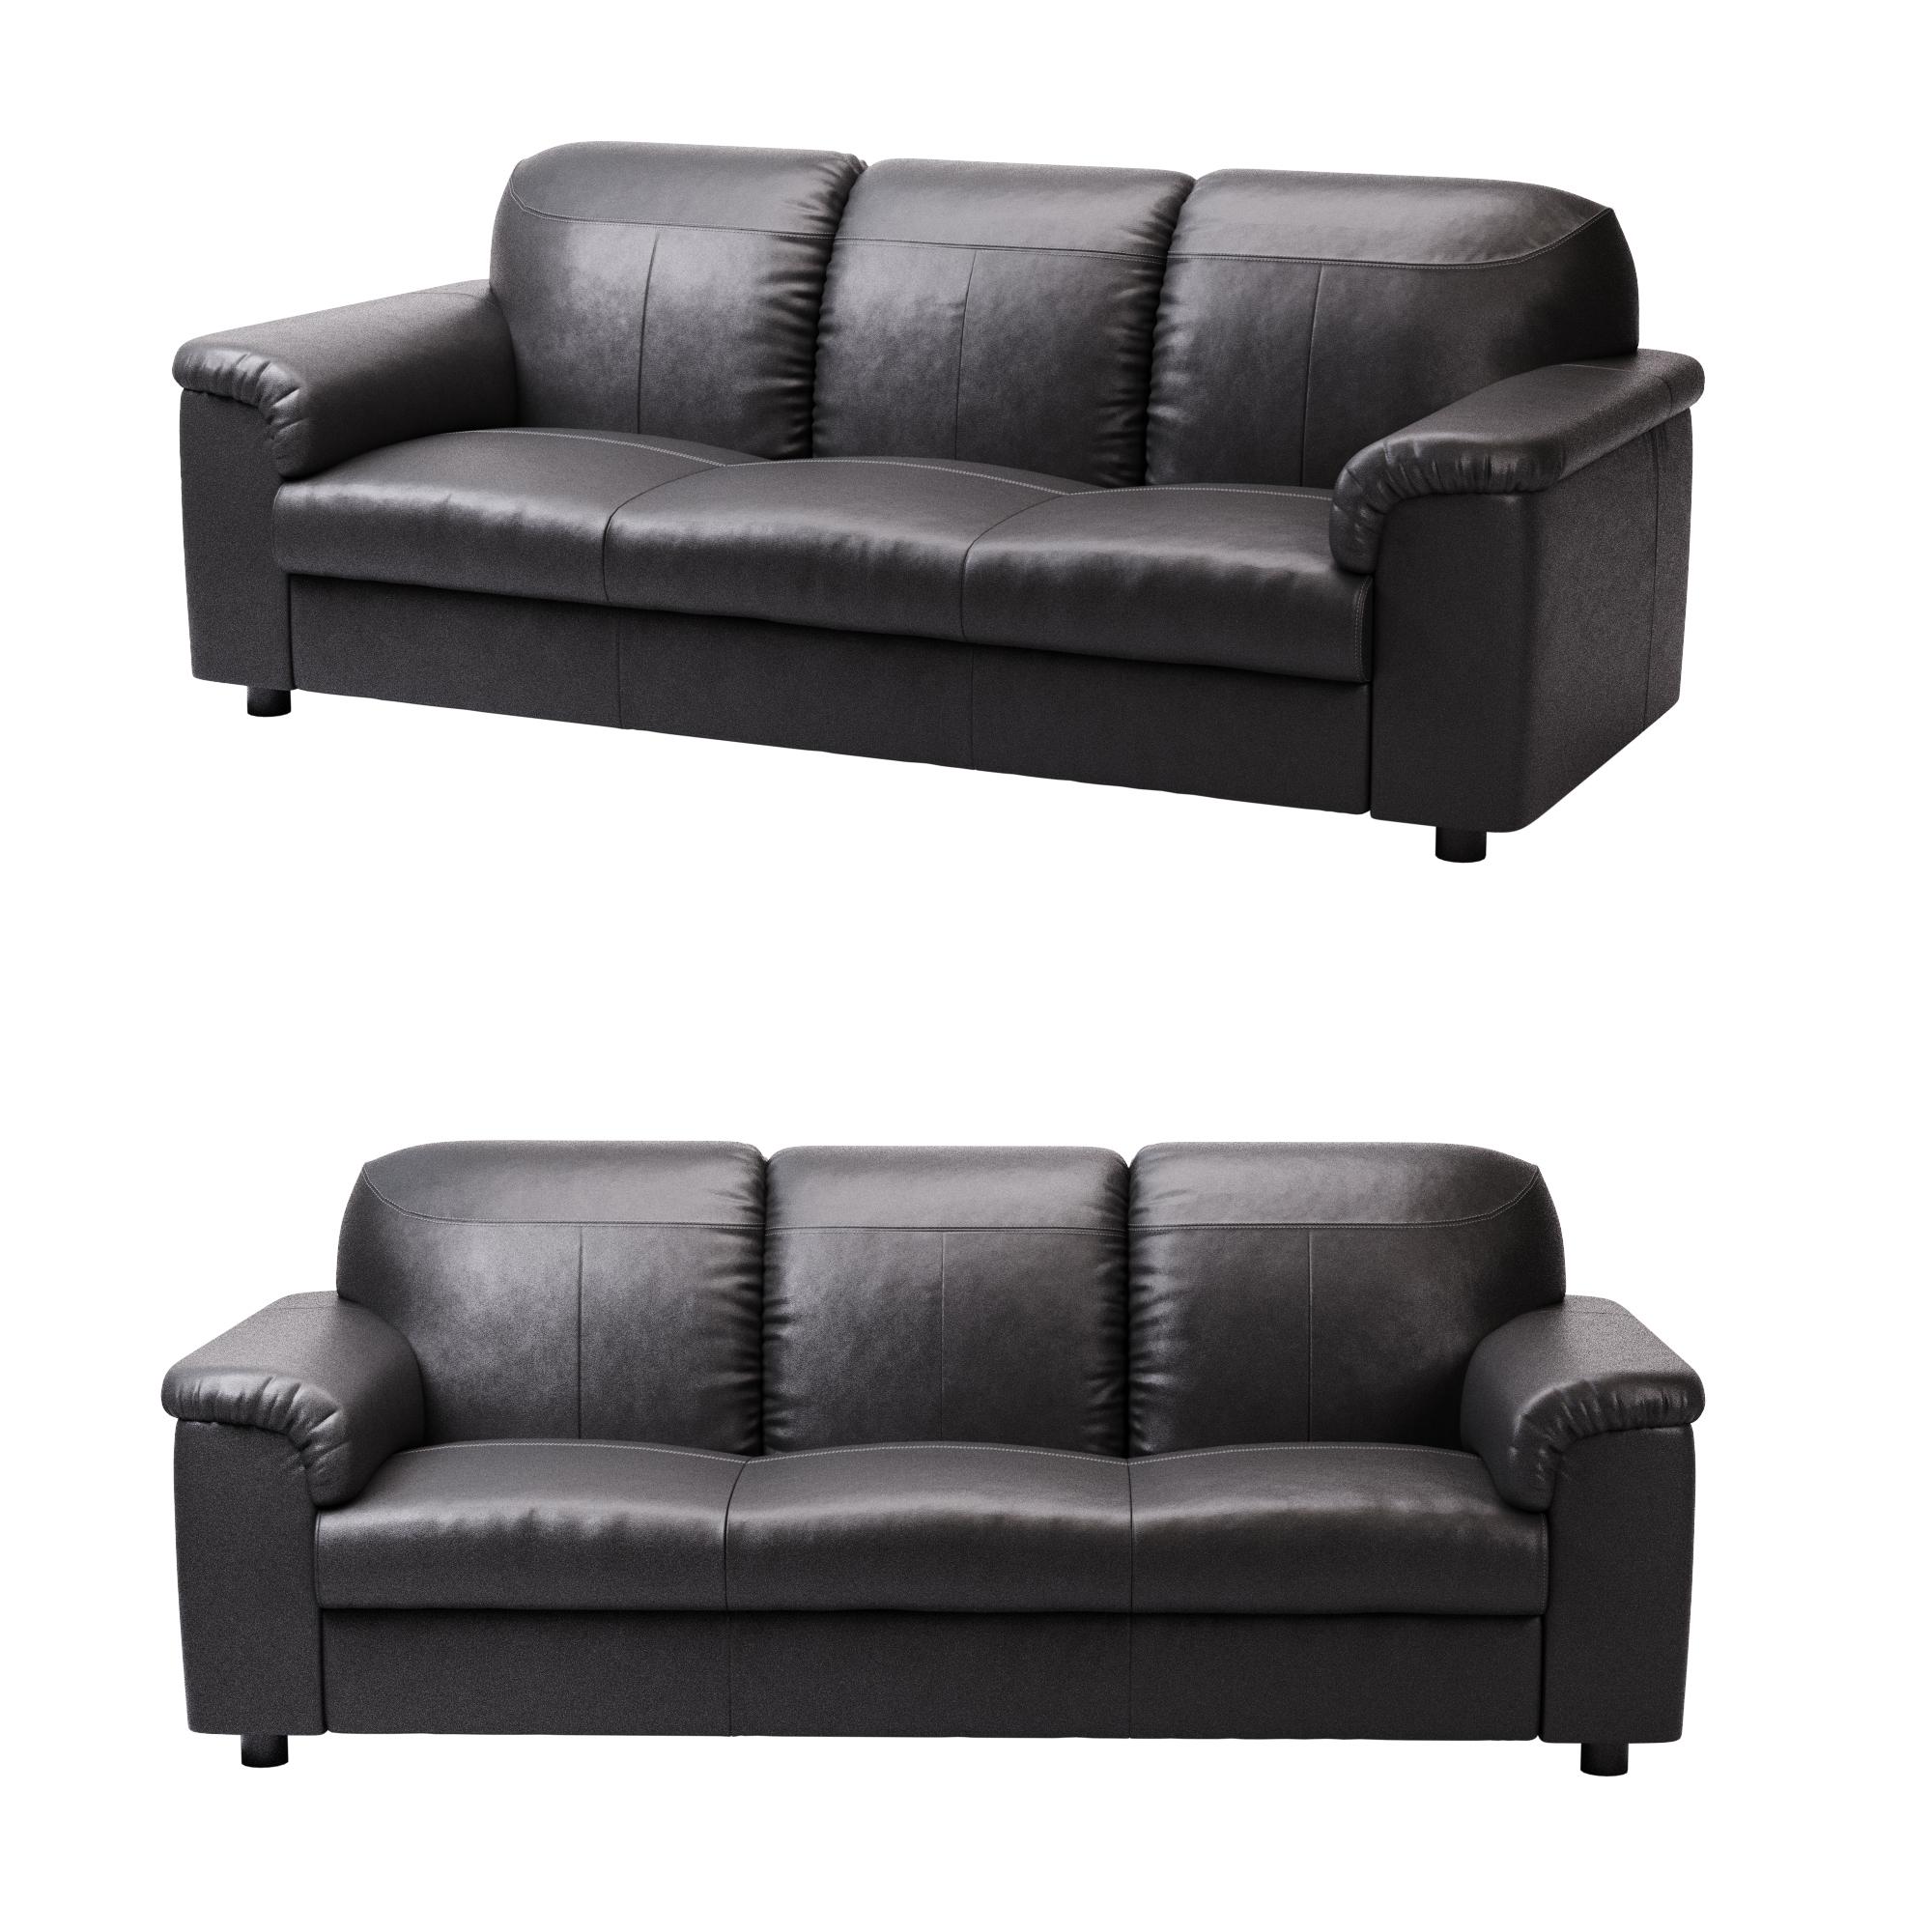 Manta Sofa Ikea.Ikea Timsfors Sofa